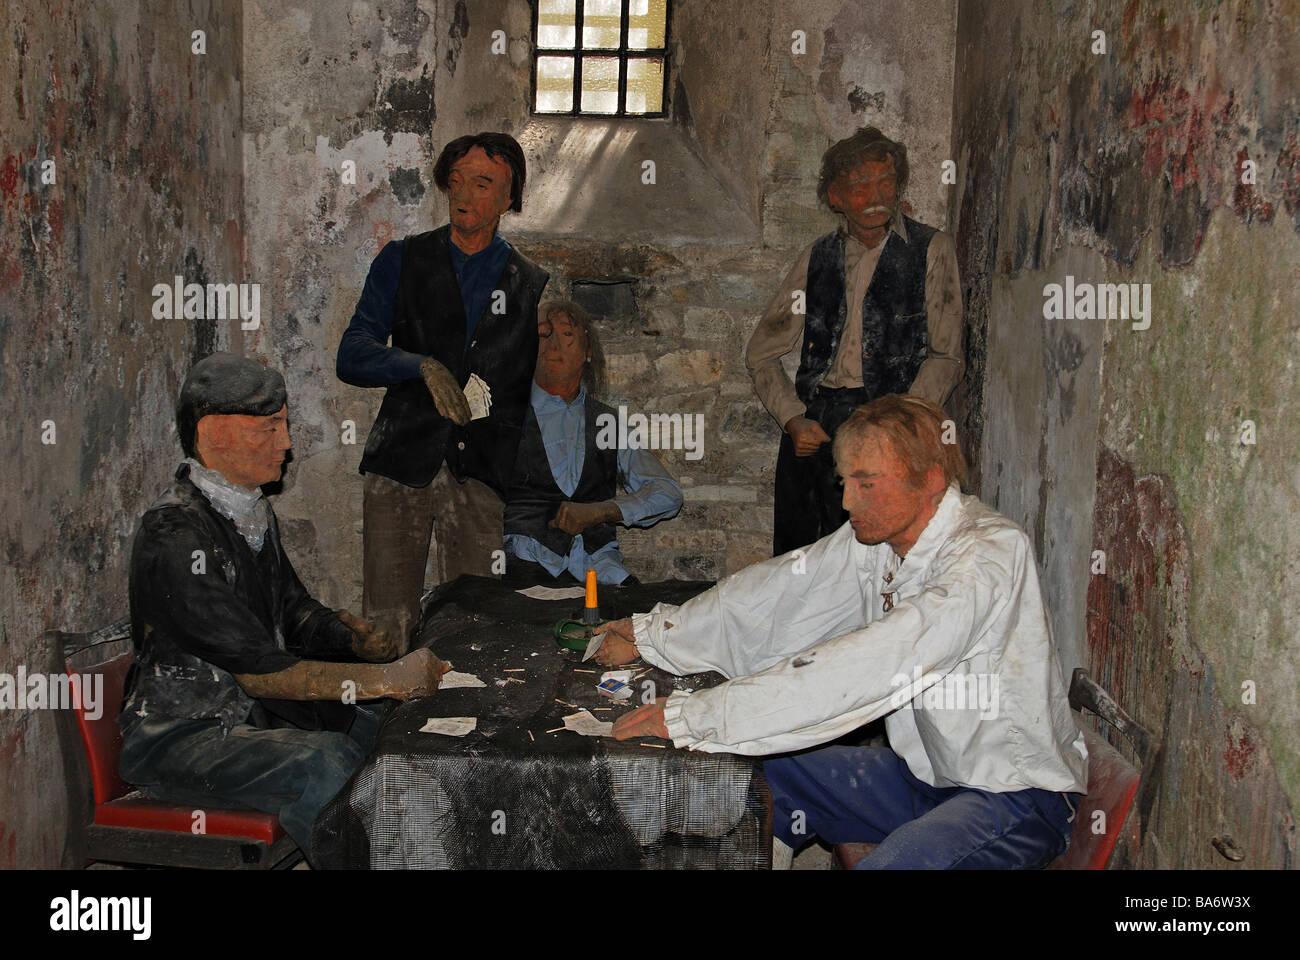 Taille de la vie d'un modèle de cellule dans la prison de Bodmin cornwall,musée,uk Photo Stock